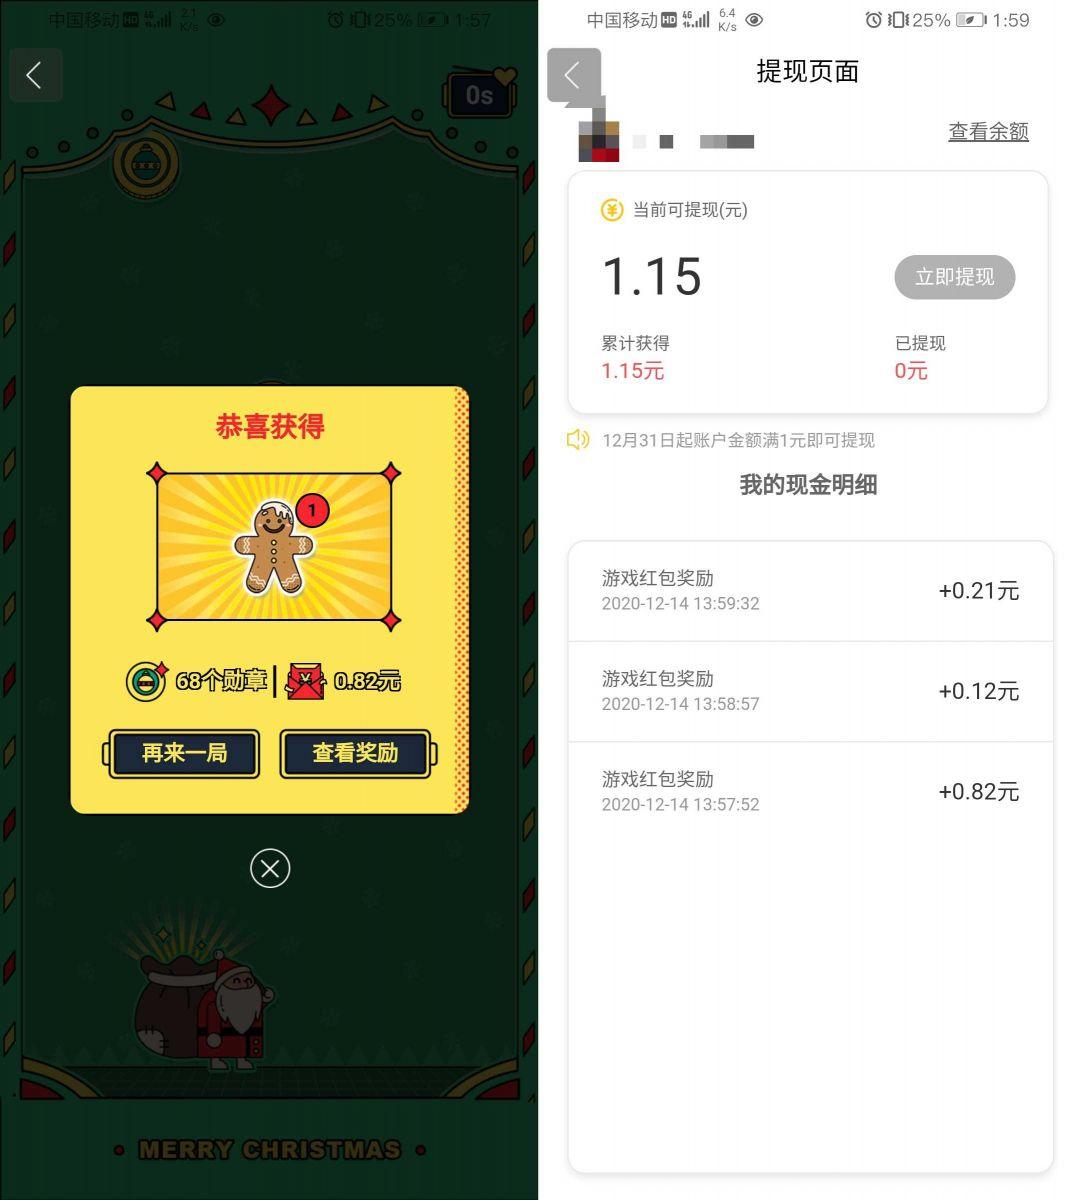 百度地图双旦活动玩游戏领红包亲测1.15元  第1张